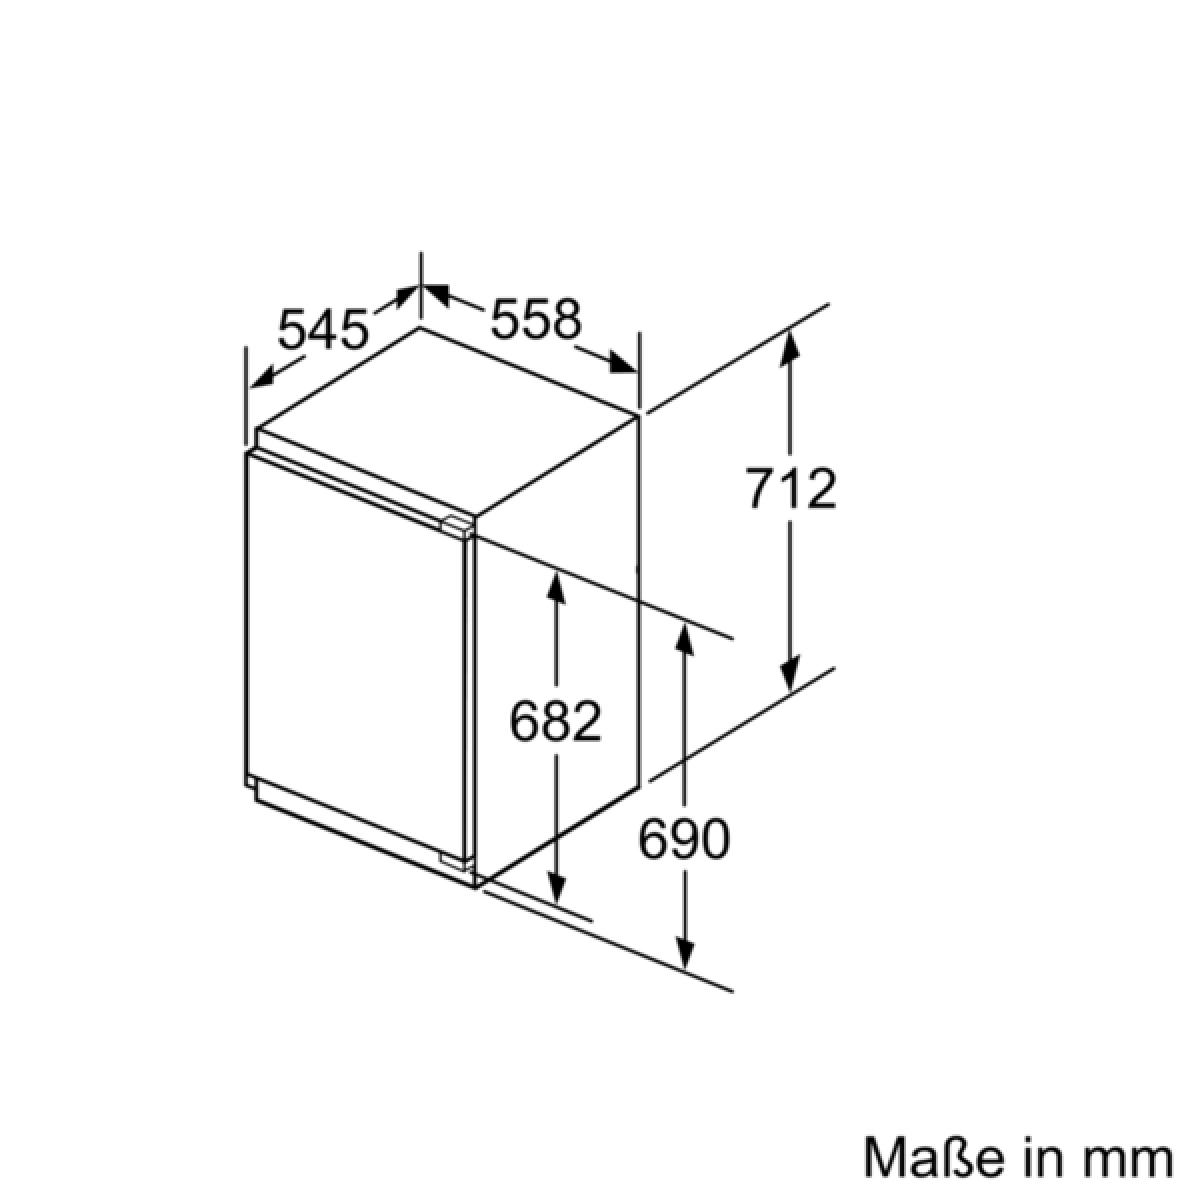 bosch giv11af30 einbau gefrierschrank flachscharnier g nstig kaufen. Black Bedroom Furniture Sets. Home Design Ideas